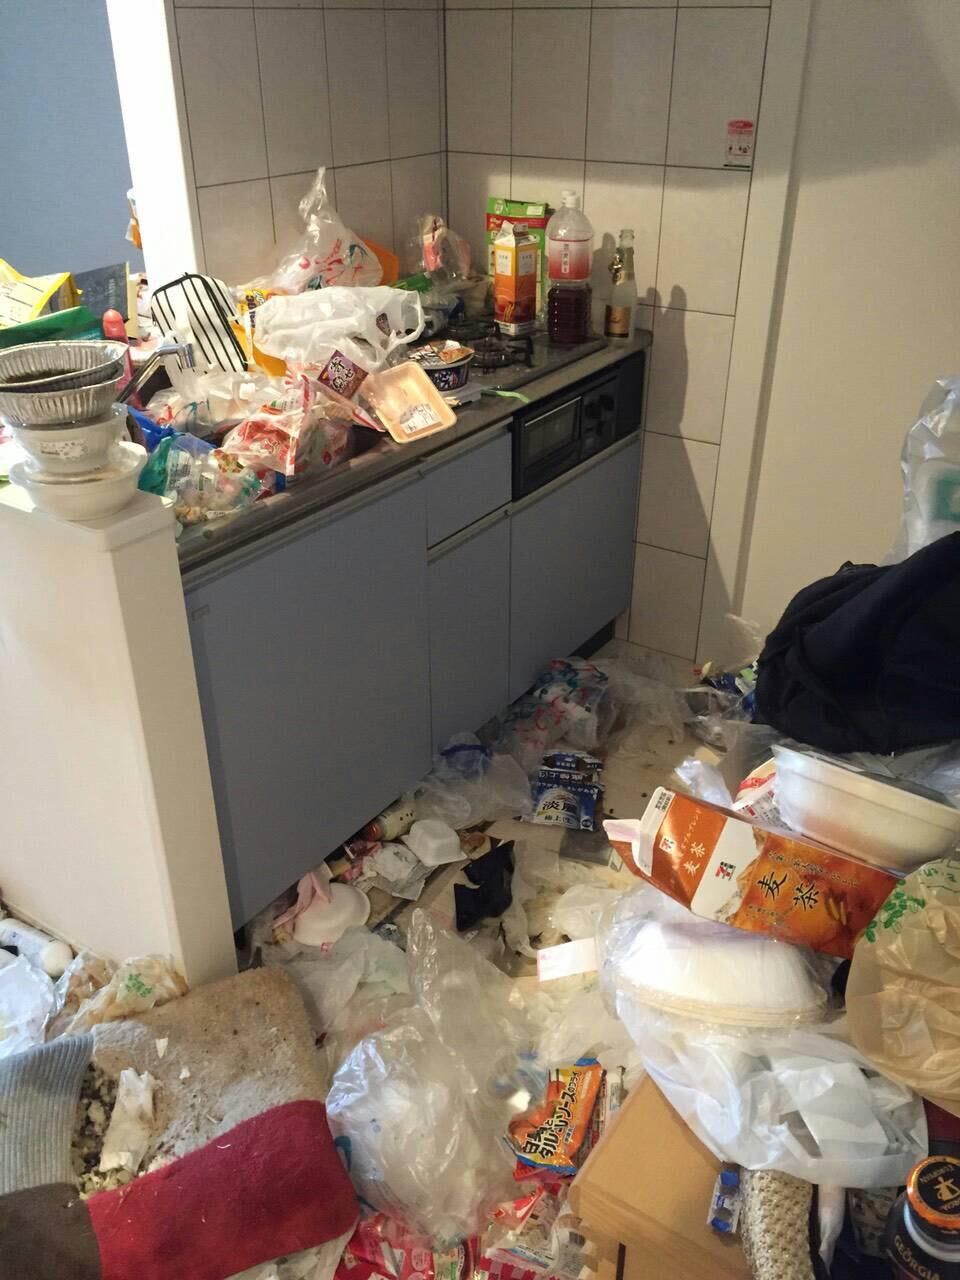 ゴミ屋敷片付け作業前